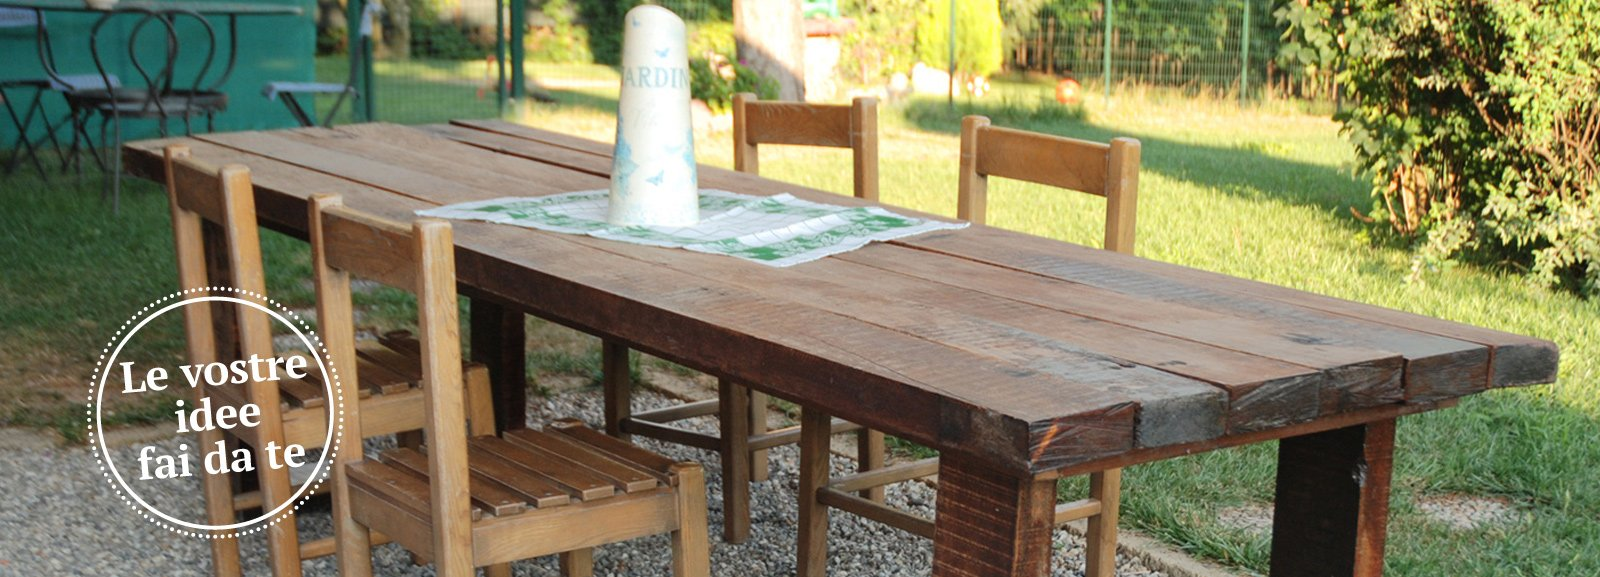 Un maxi tavolo in legno di recupero cose di casa - Cucine fai da te in legno ...